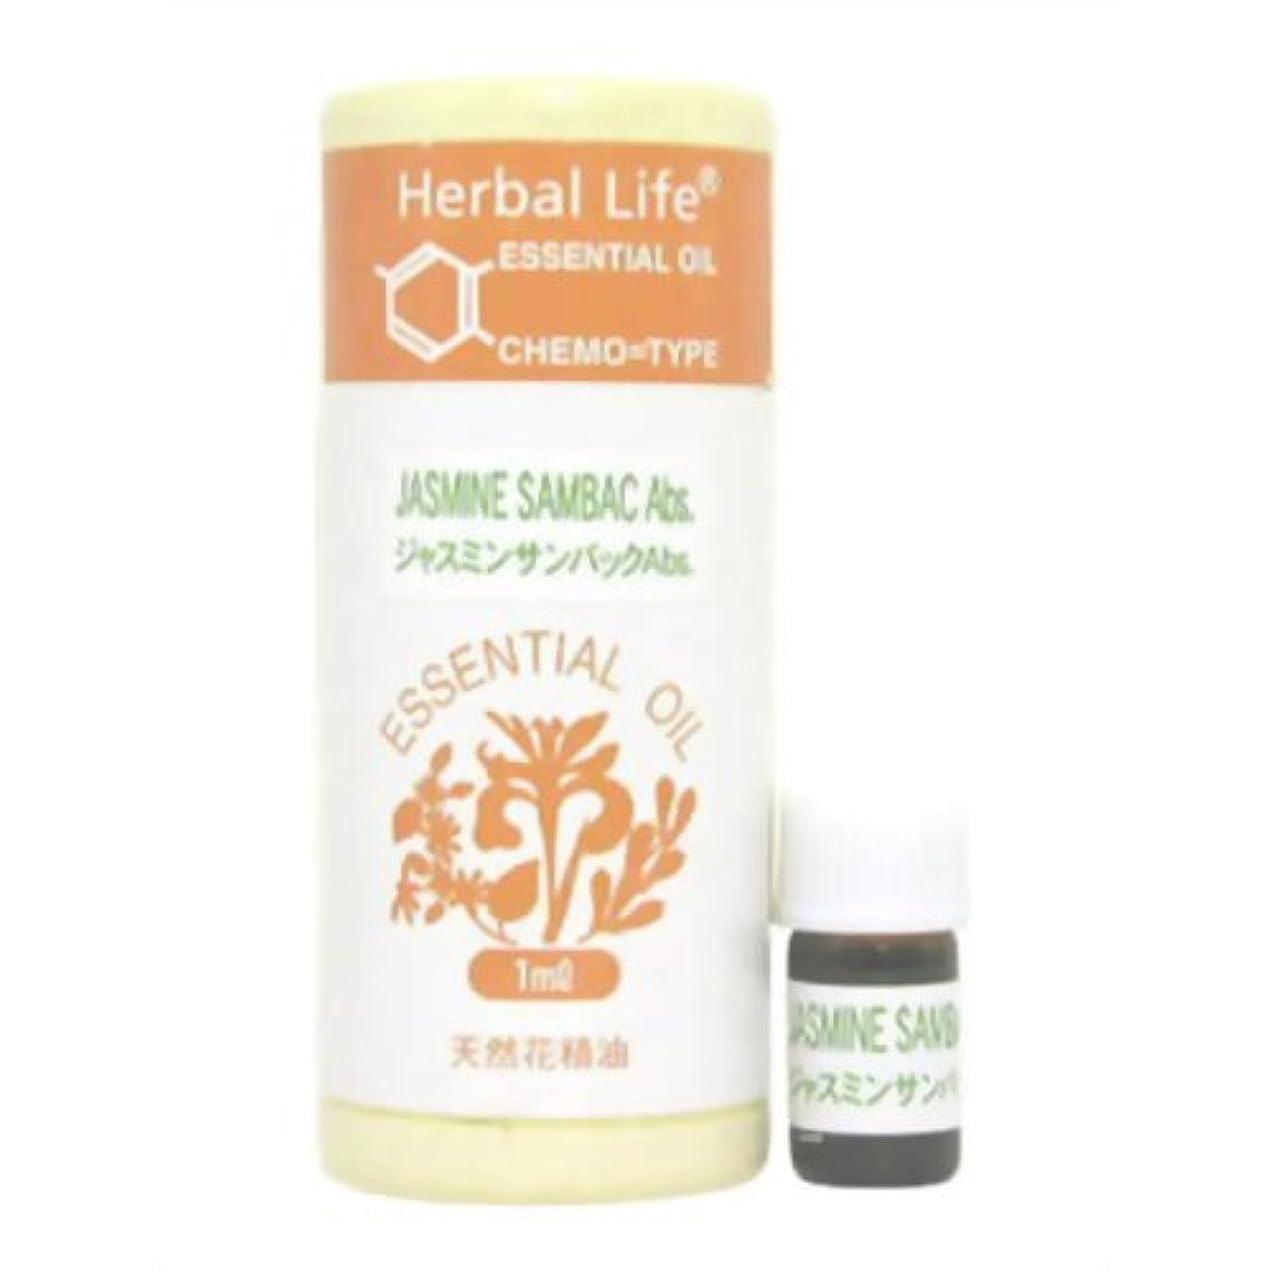 弾薬盟主検出Herbal Life ジャスミンサンバックAbs 1ml